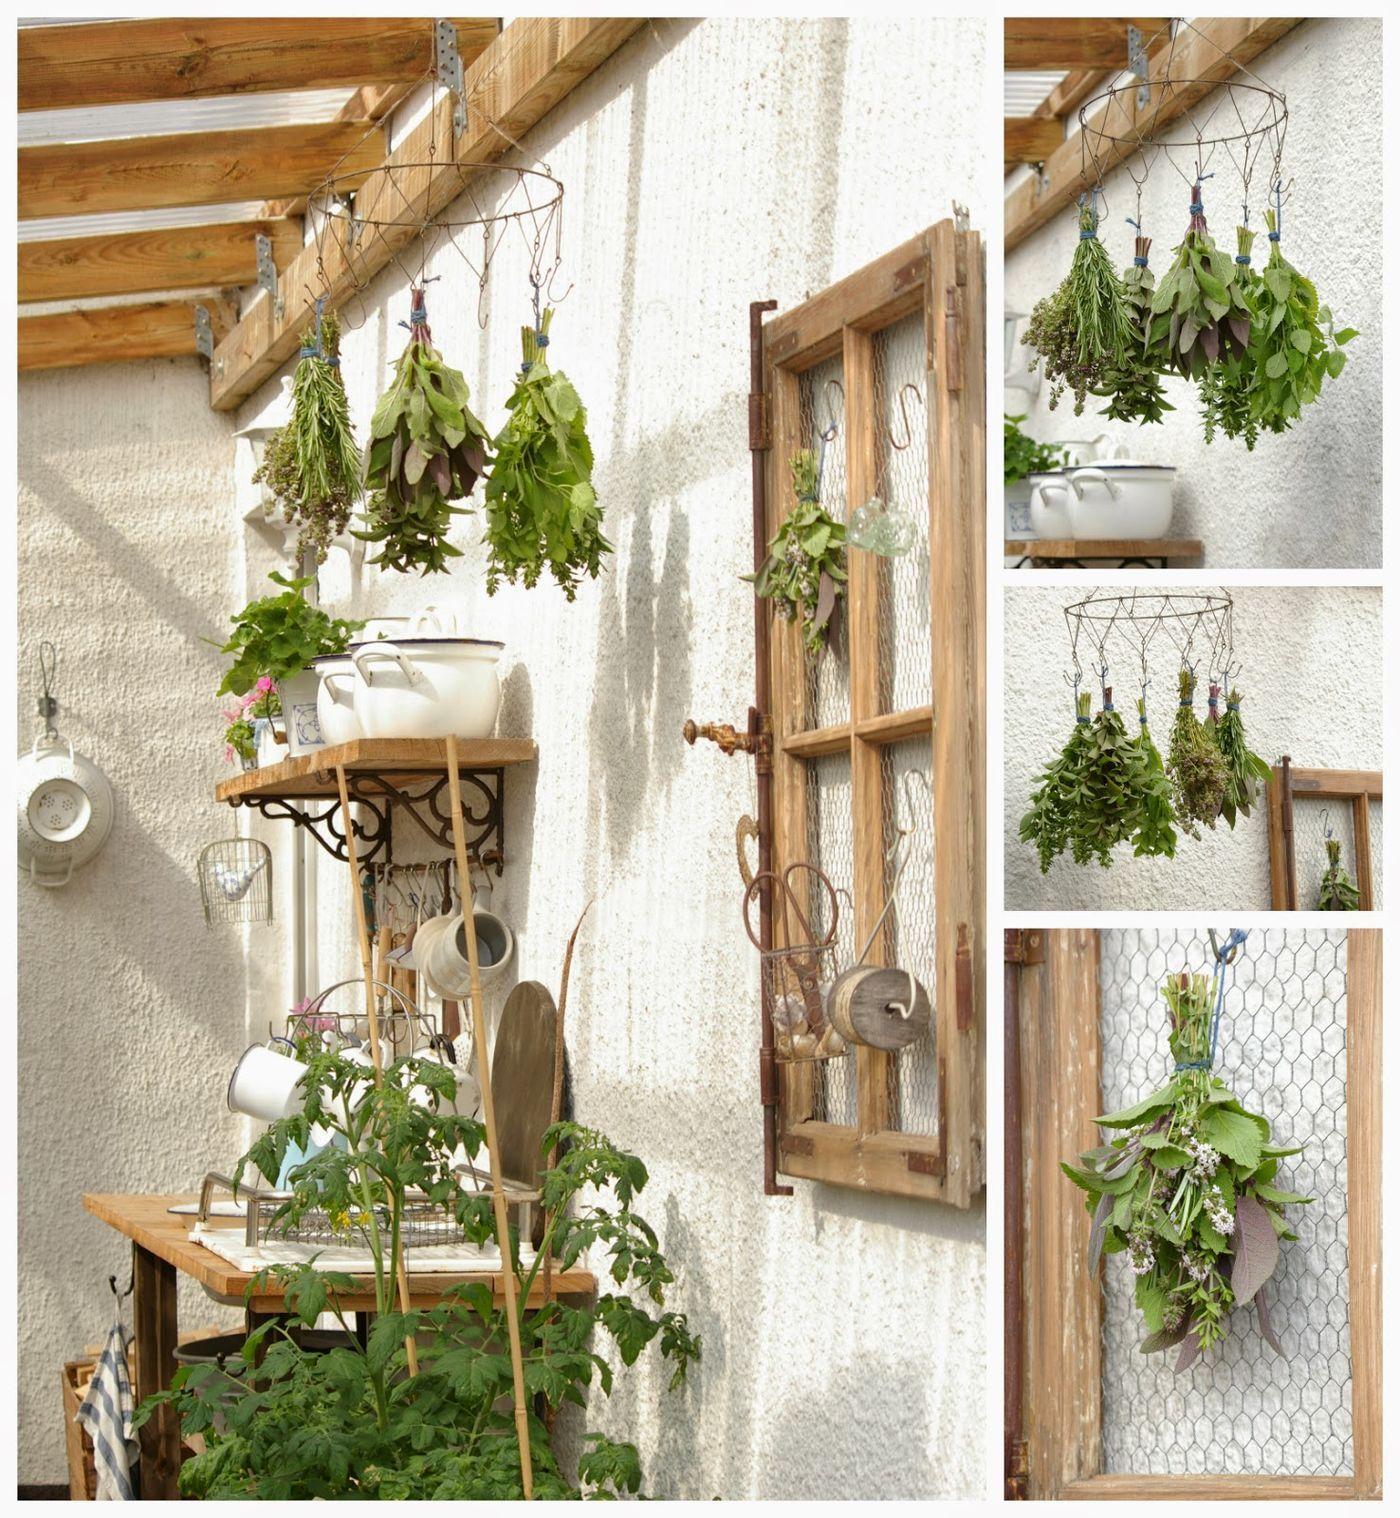 shabby chic k chen ideen zum einrichten und dekorieren seite 2. Black Bedroom Furniture Sets. Home Design Ideas